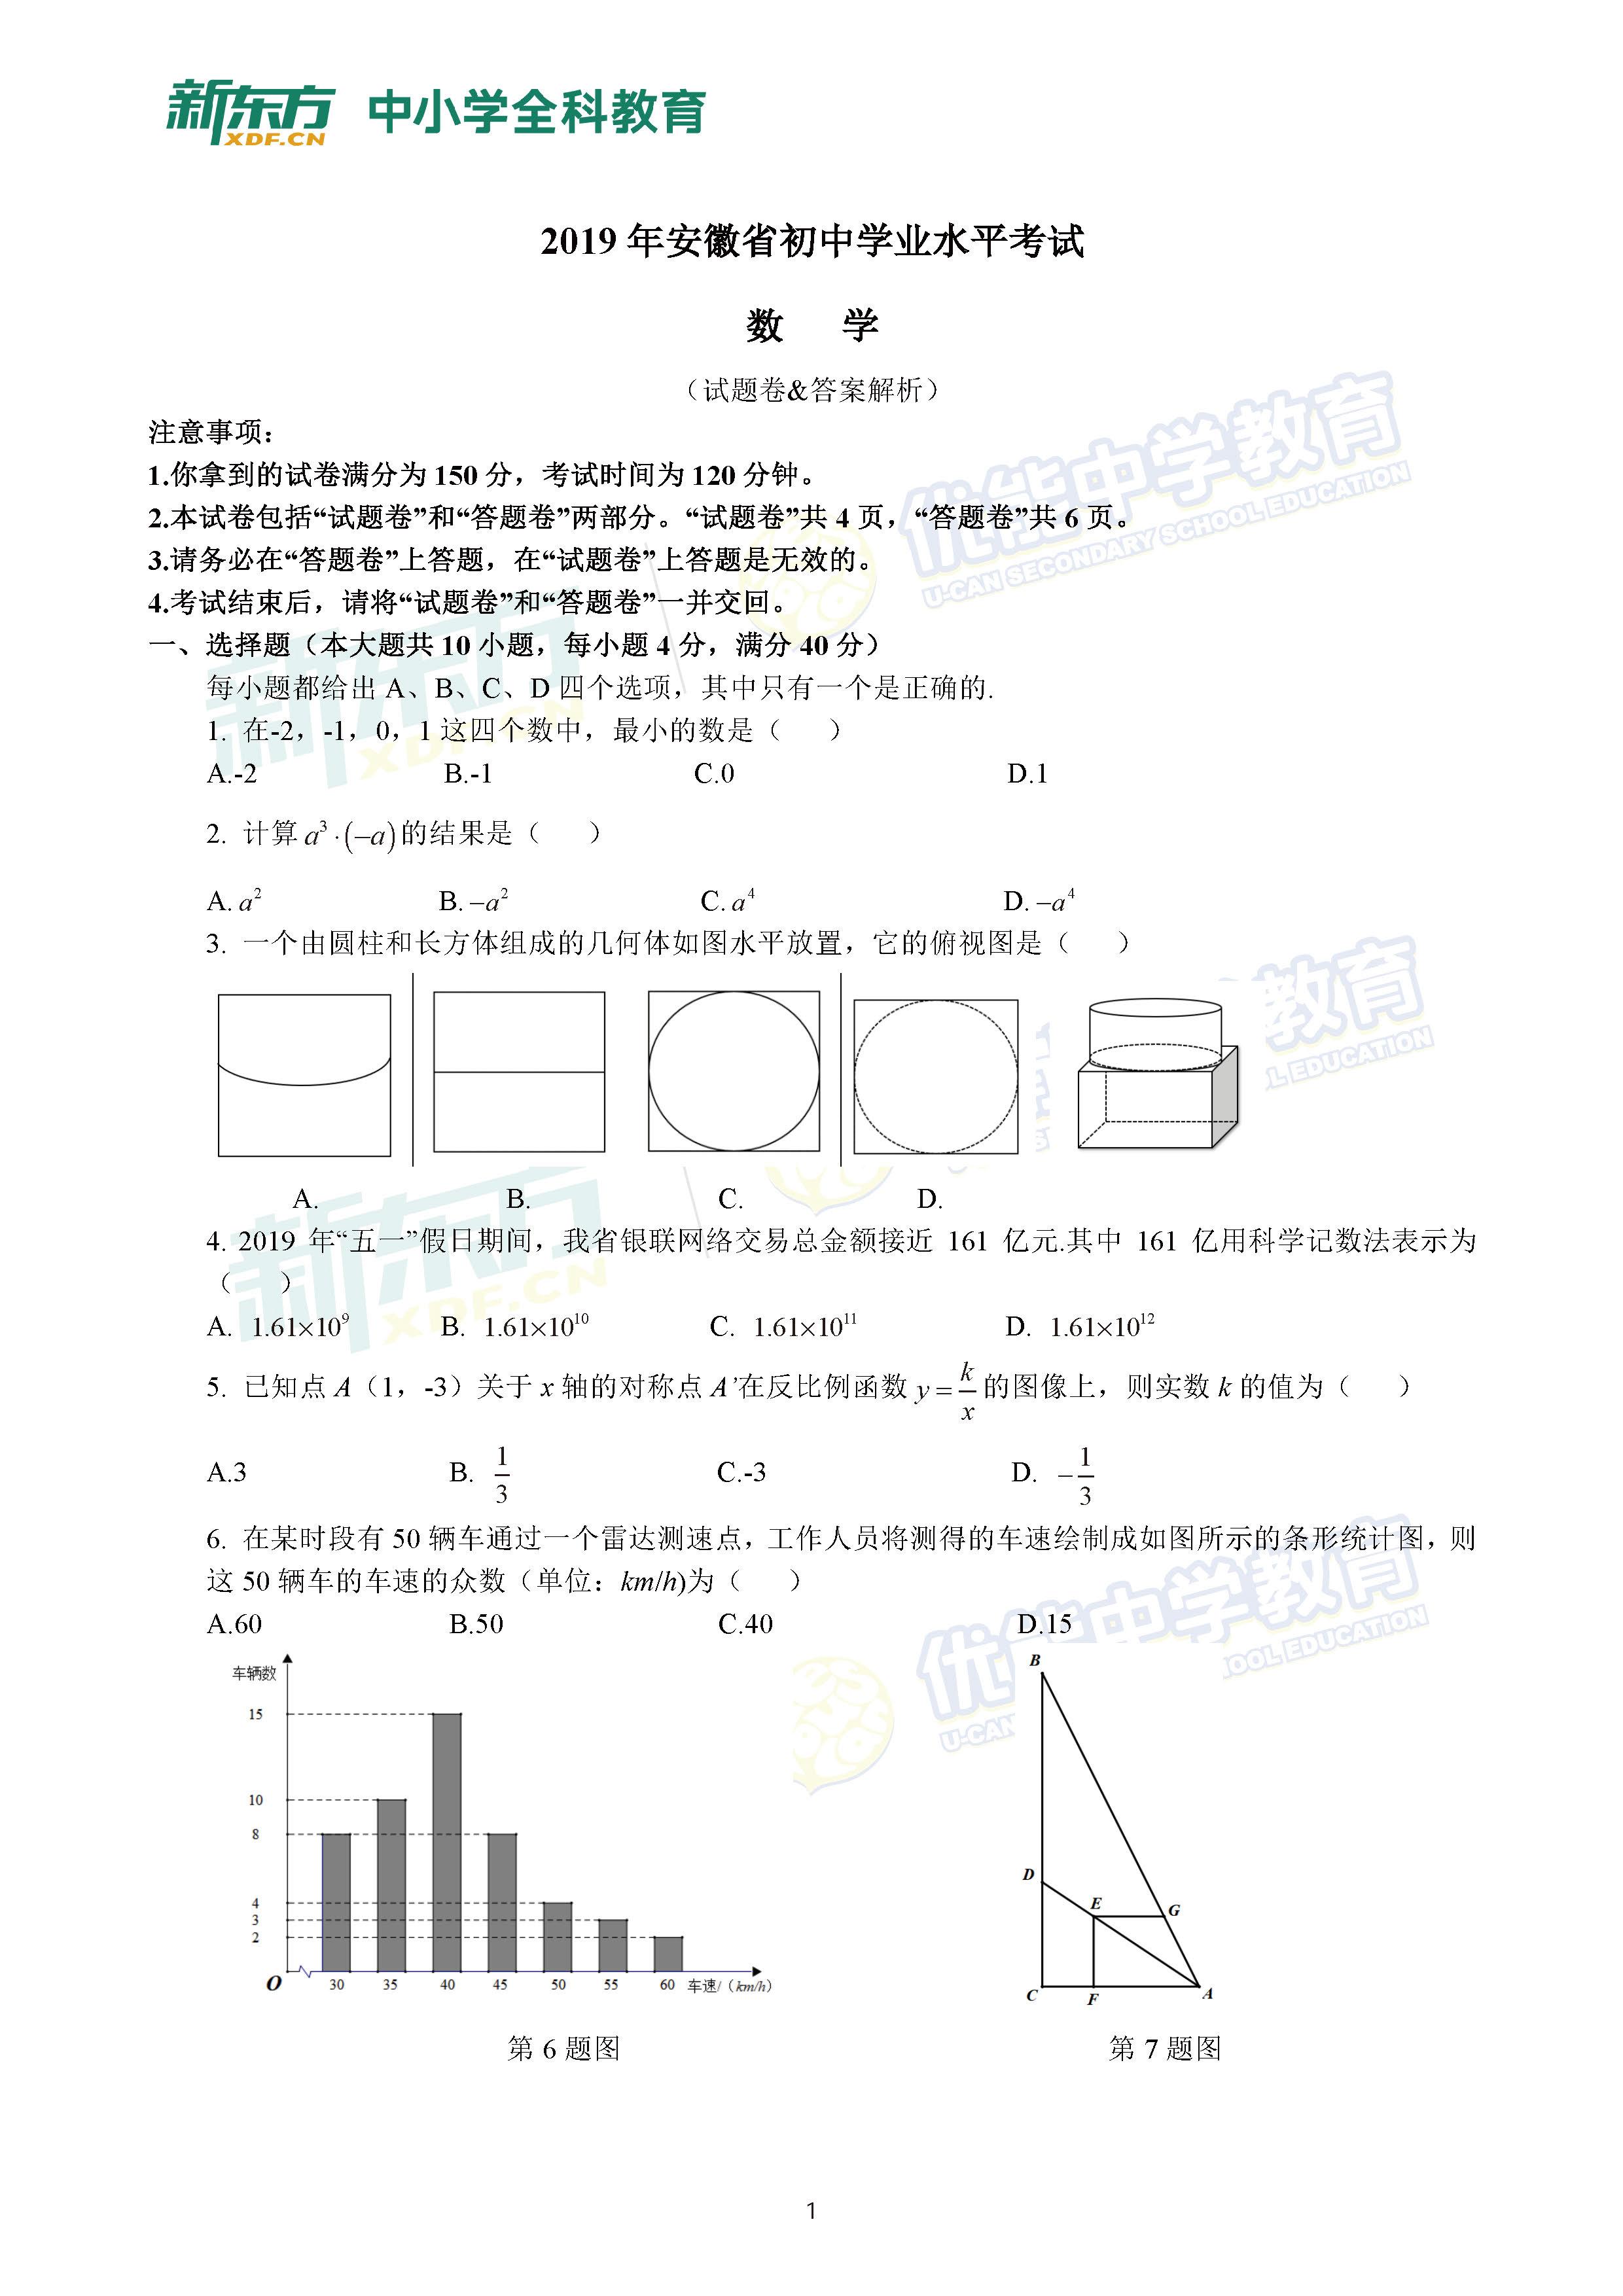 2019安徽中考数学试题答案逐题解析